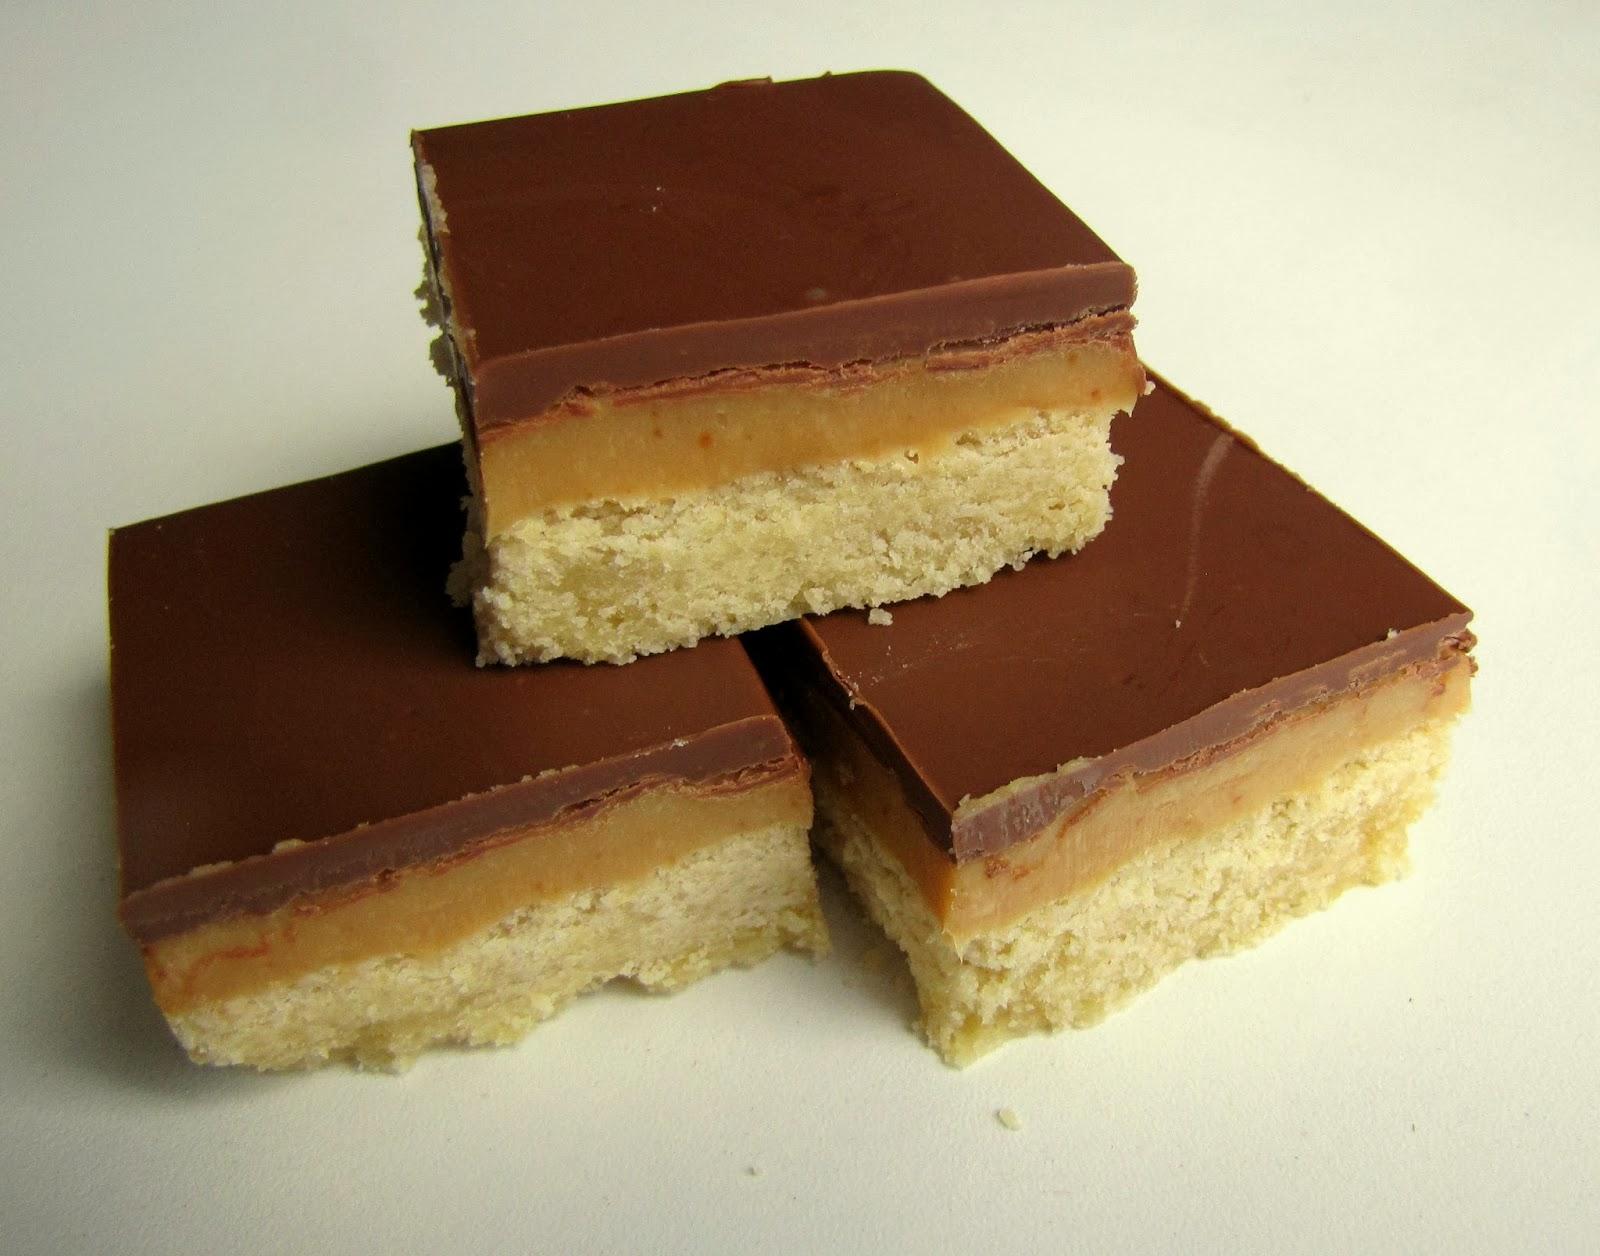 1,000 件以上の 「Gateau Chocolat Thermomix」のおしゃれ ...